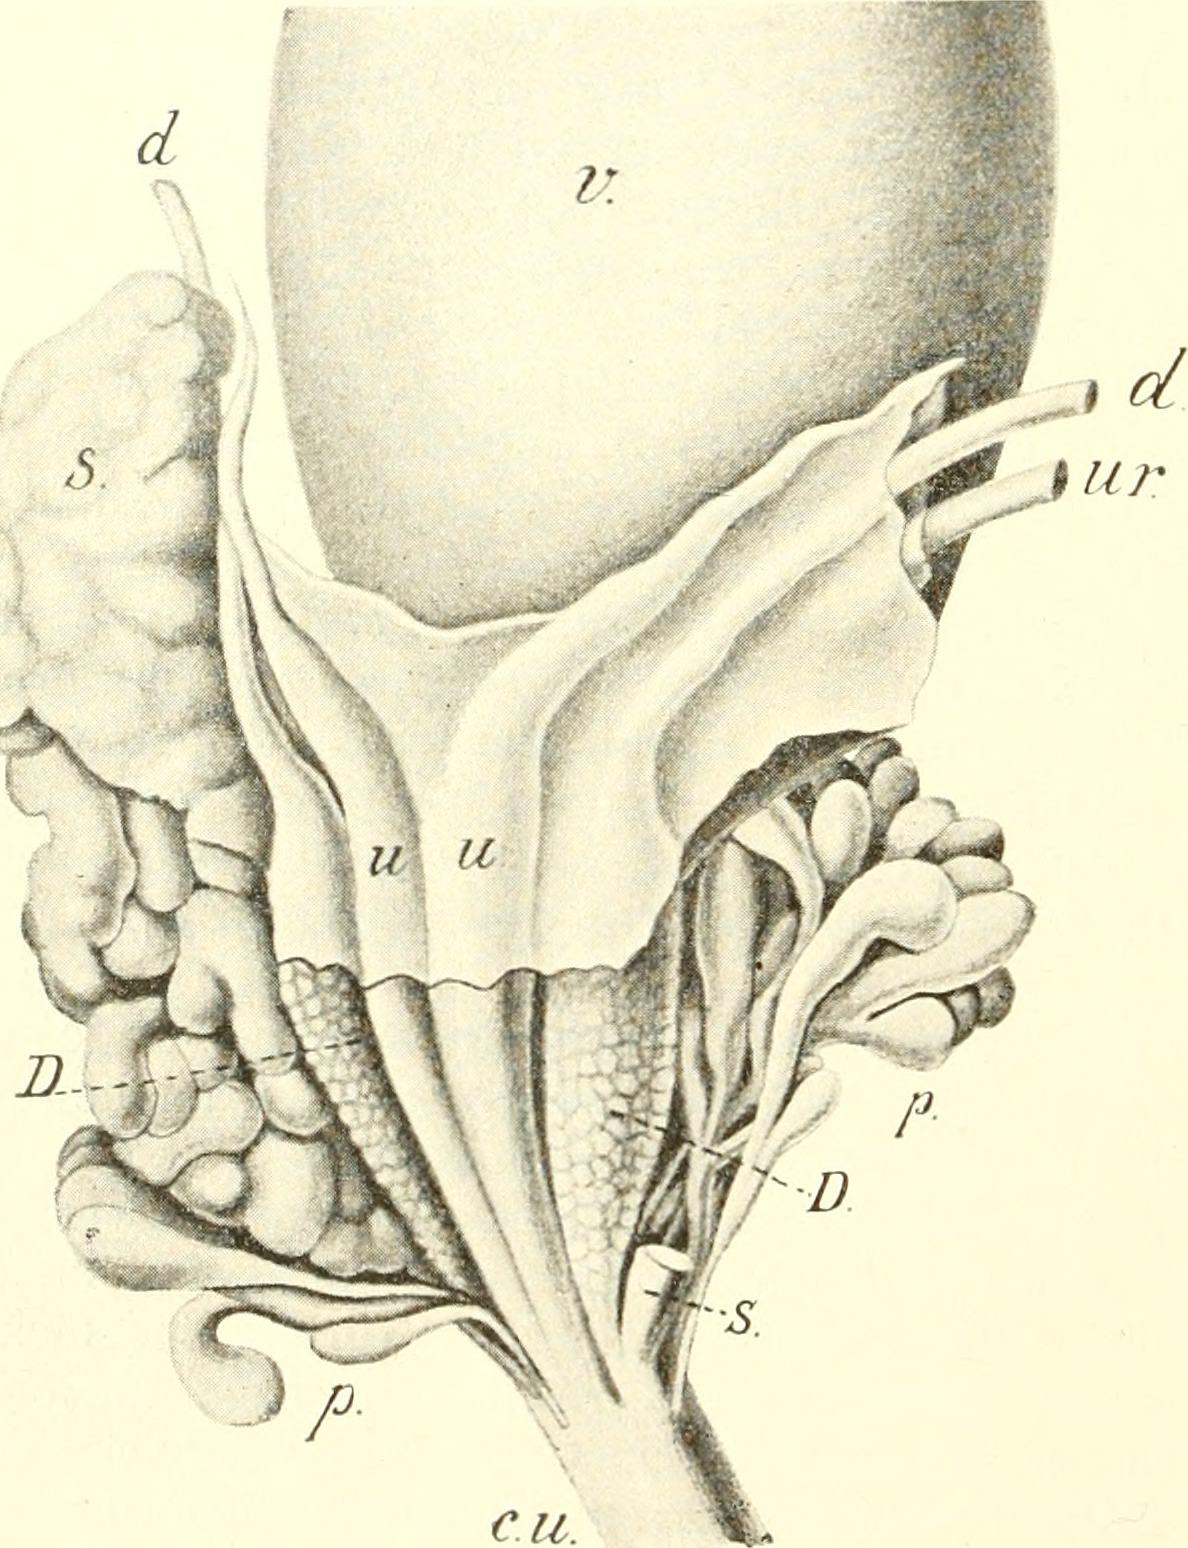 Erfreut Einführung Der Anatomie Ideen - Anatomie Ideen - finotti.info